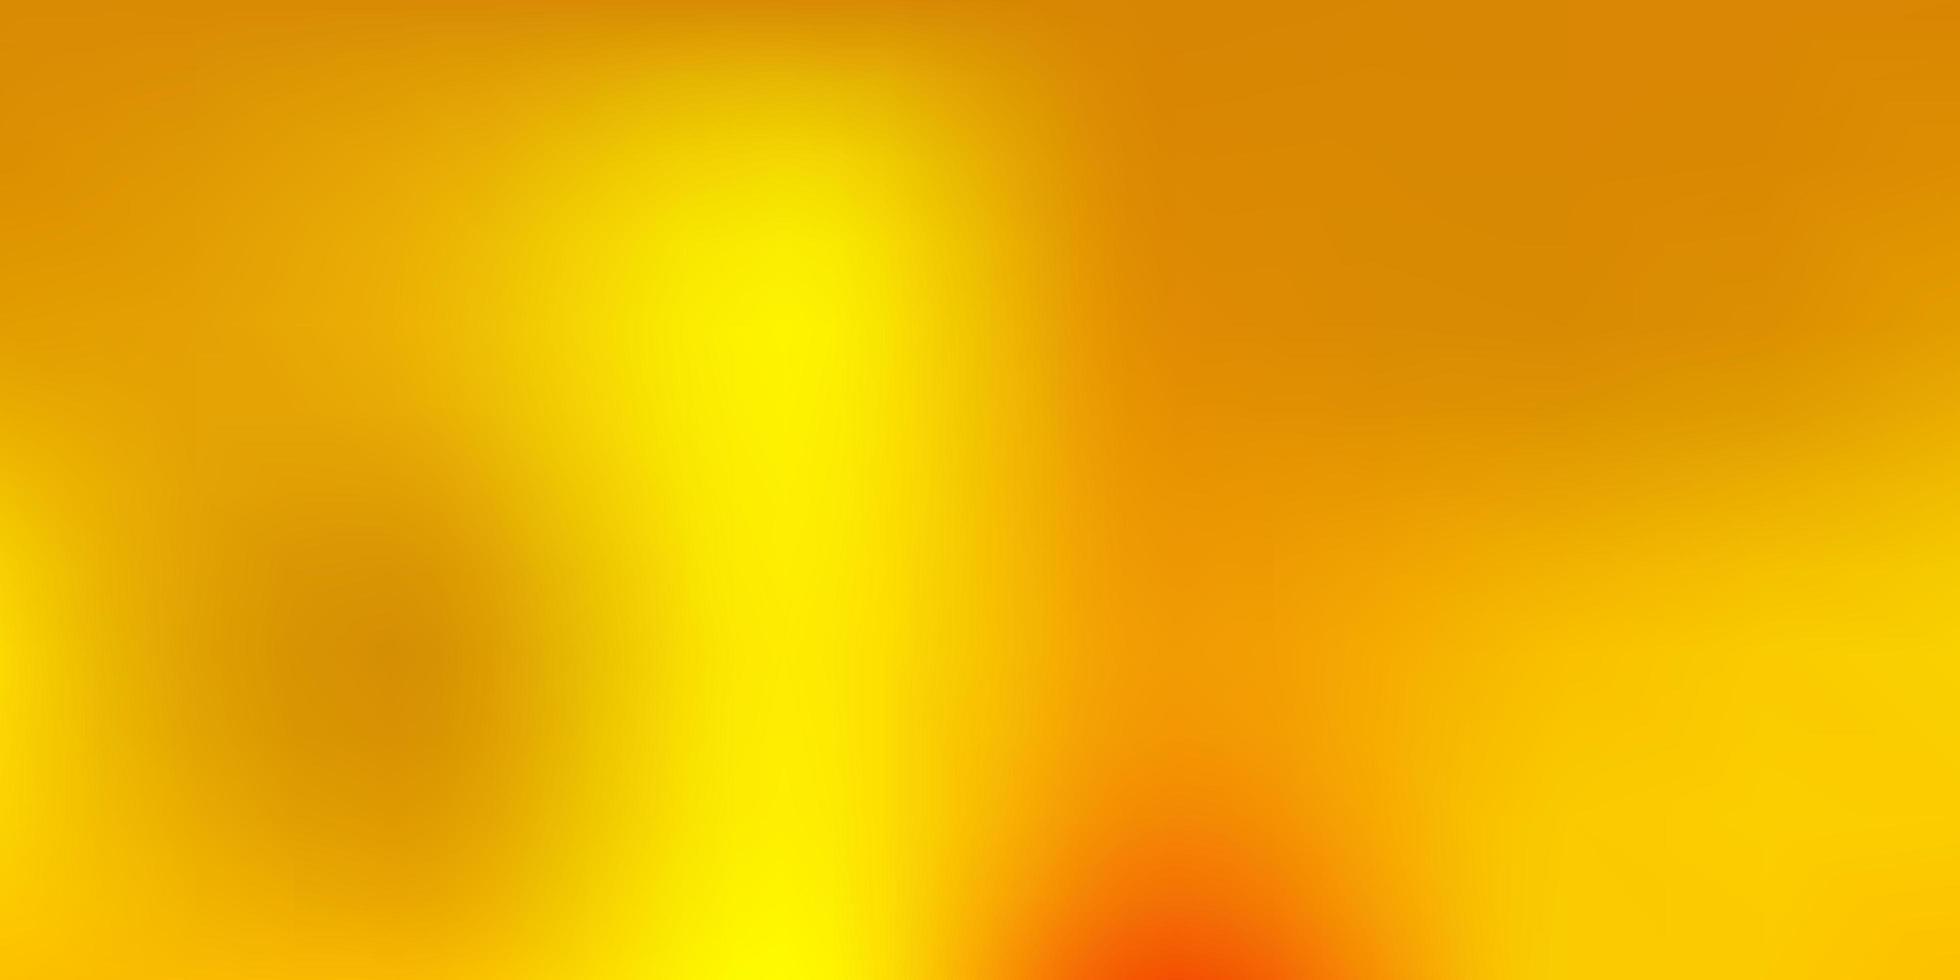 disegno di sfocatura gradiente vettoriale verde scuro, giallo.